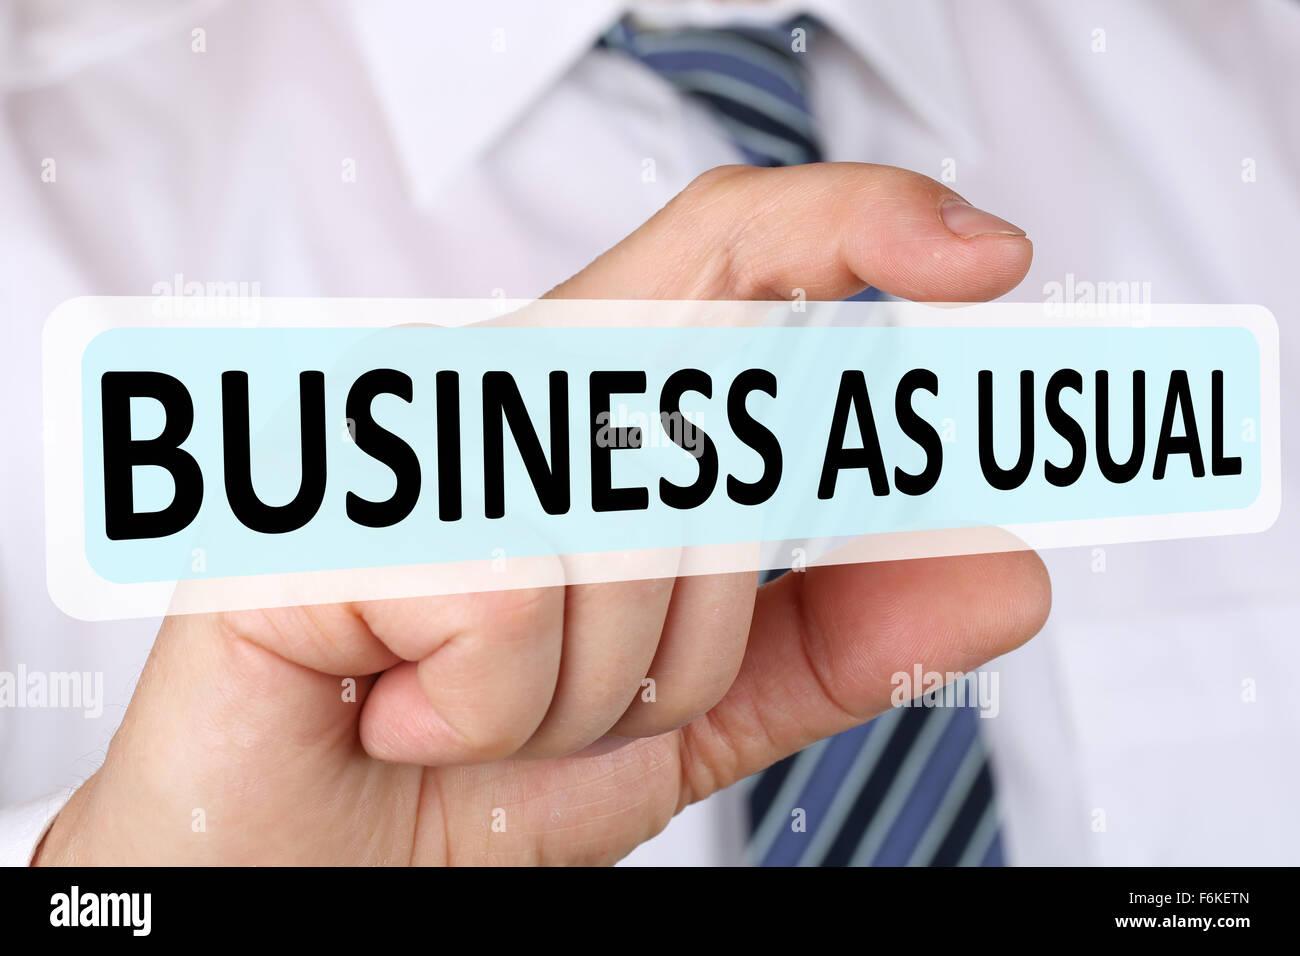 Proprietario attività come di consueto concetto cambia strategia leadership Immagini Stock